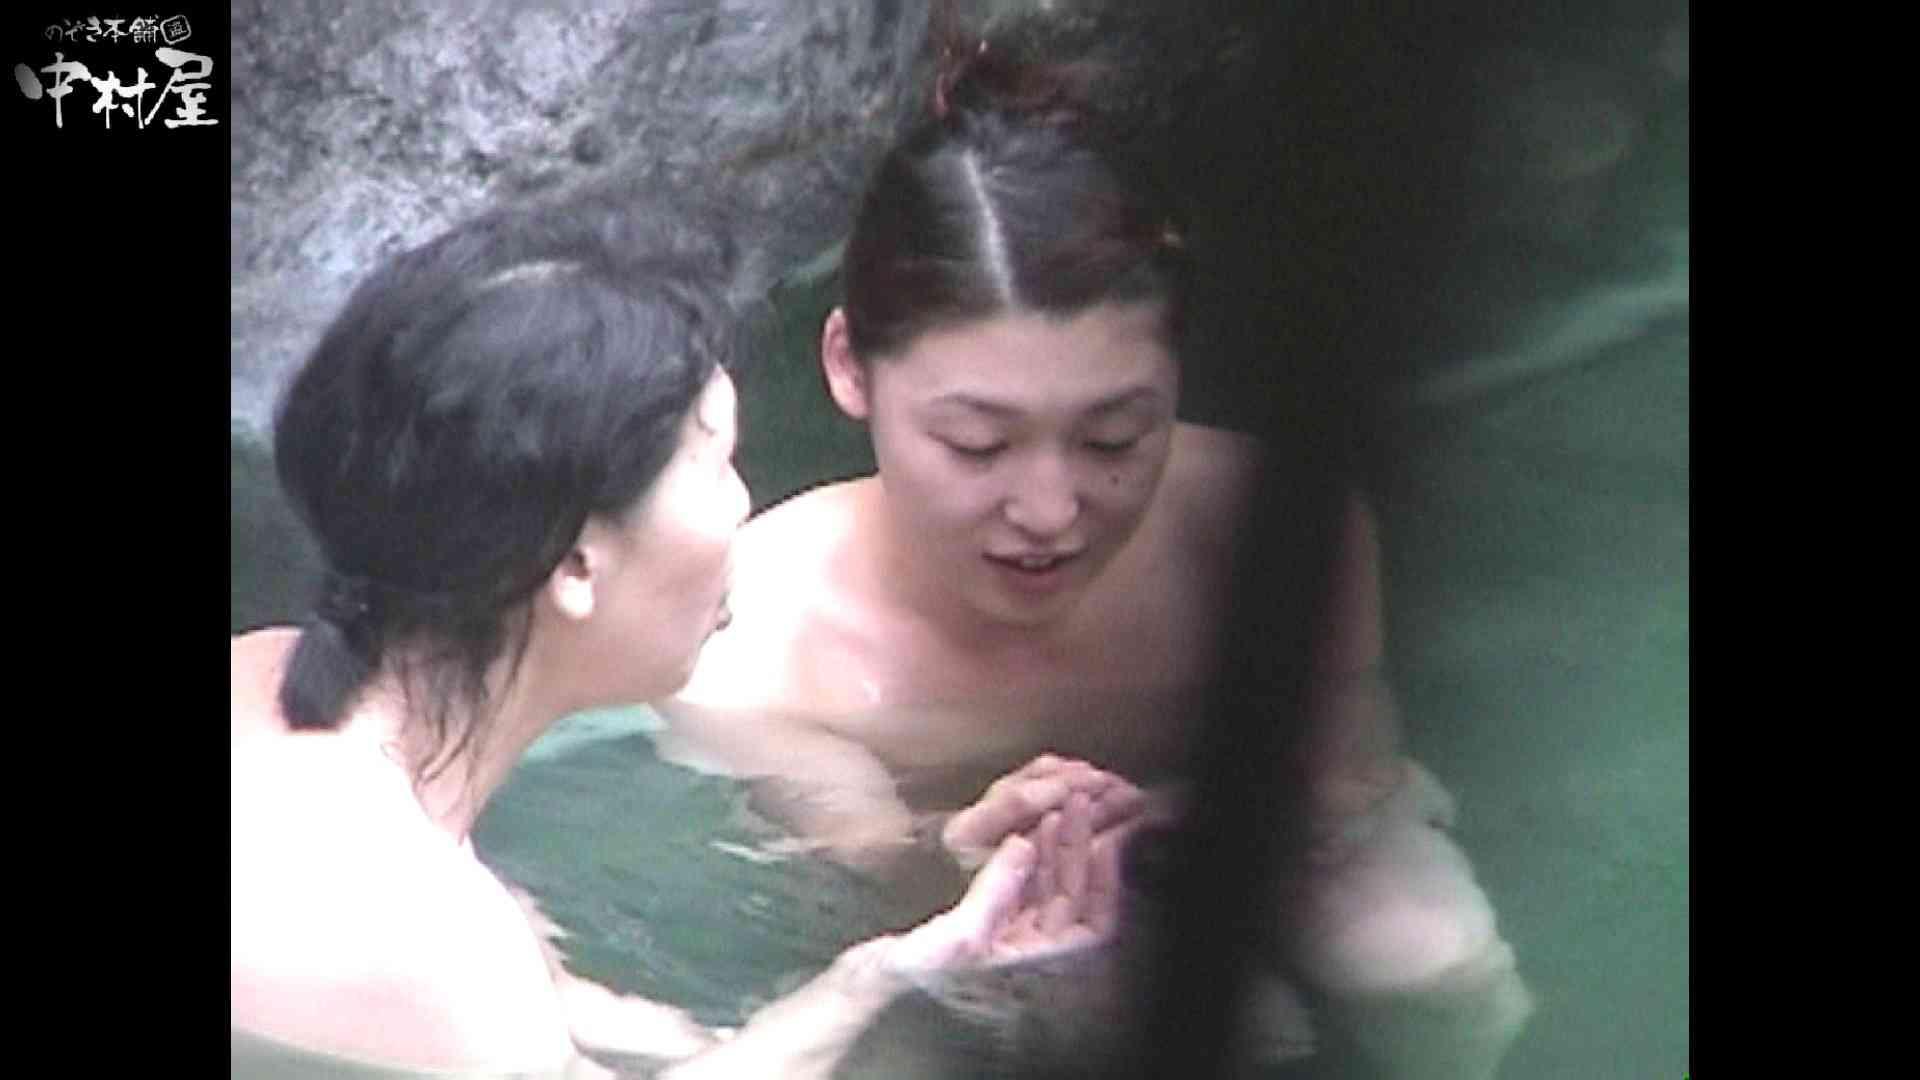 Aquaな露天風呂Vol.954 OLのエロ生活 | 盗撮  113連発 16